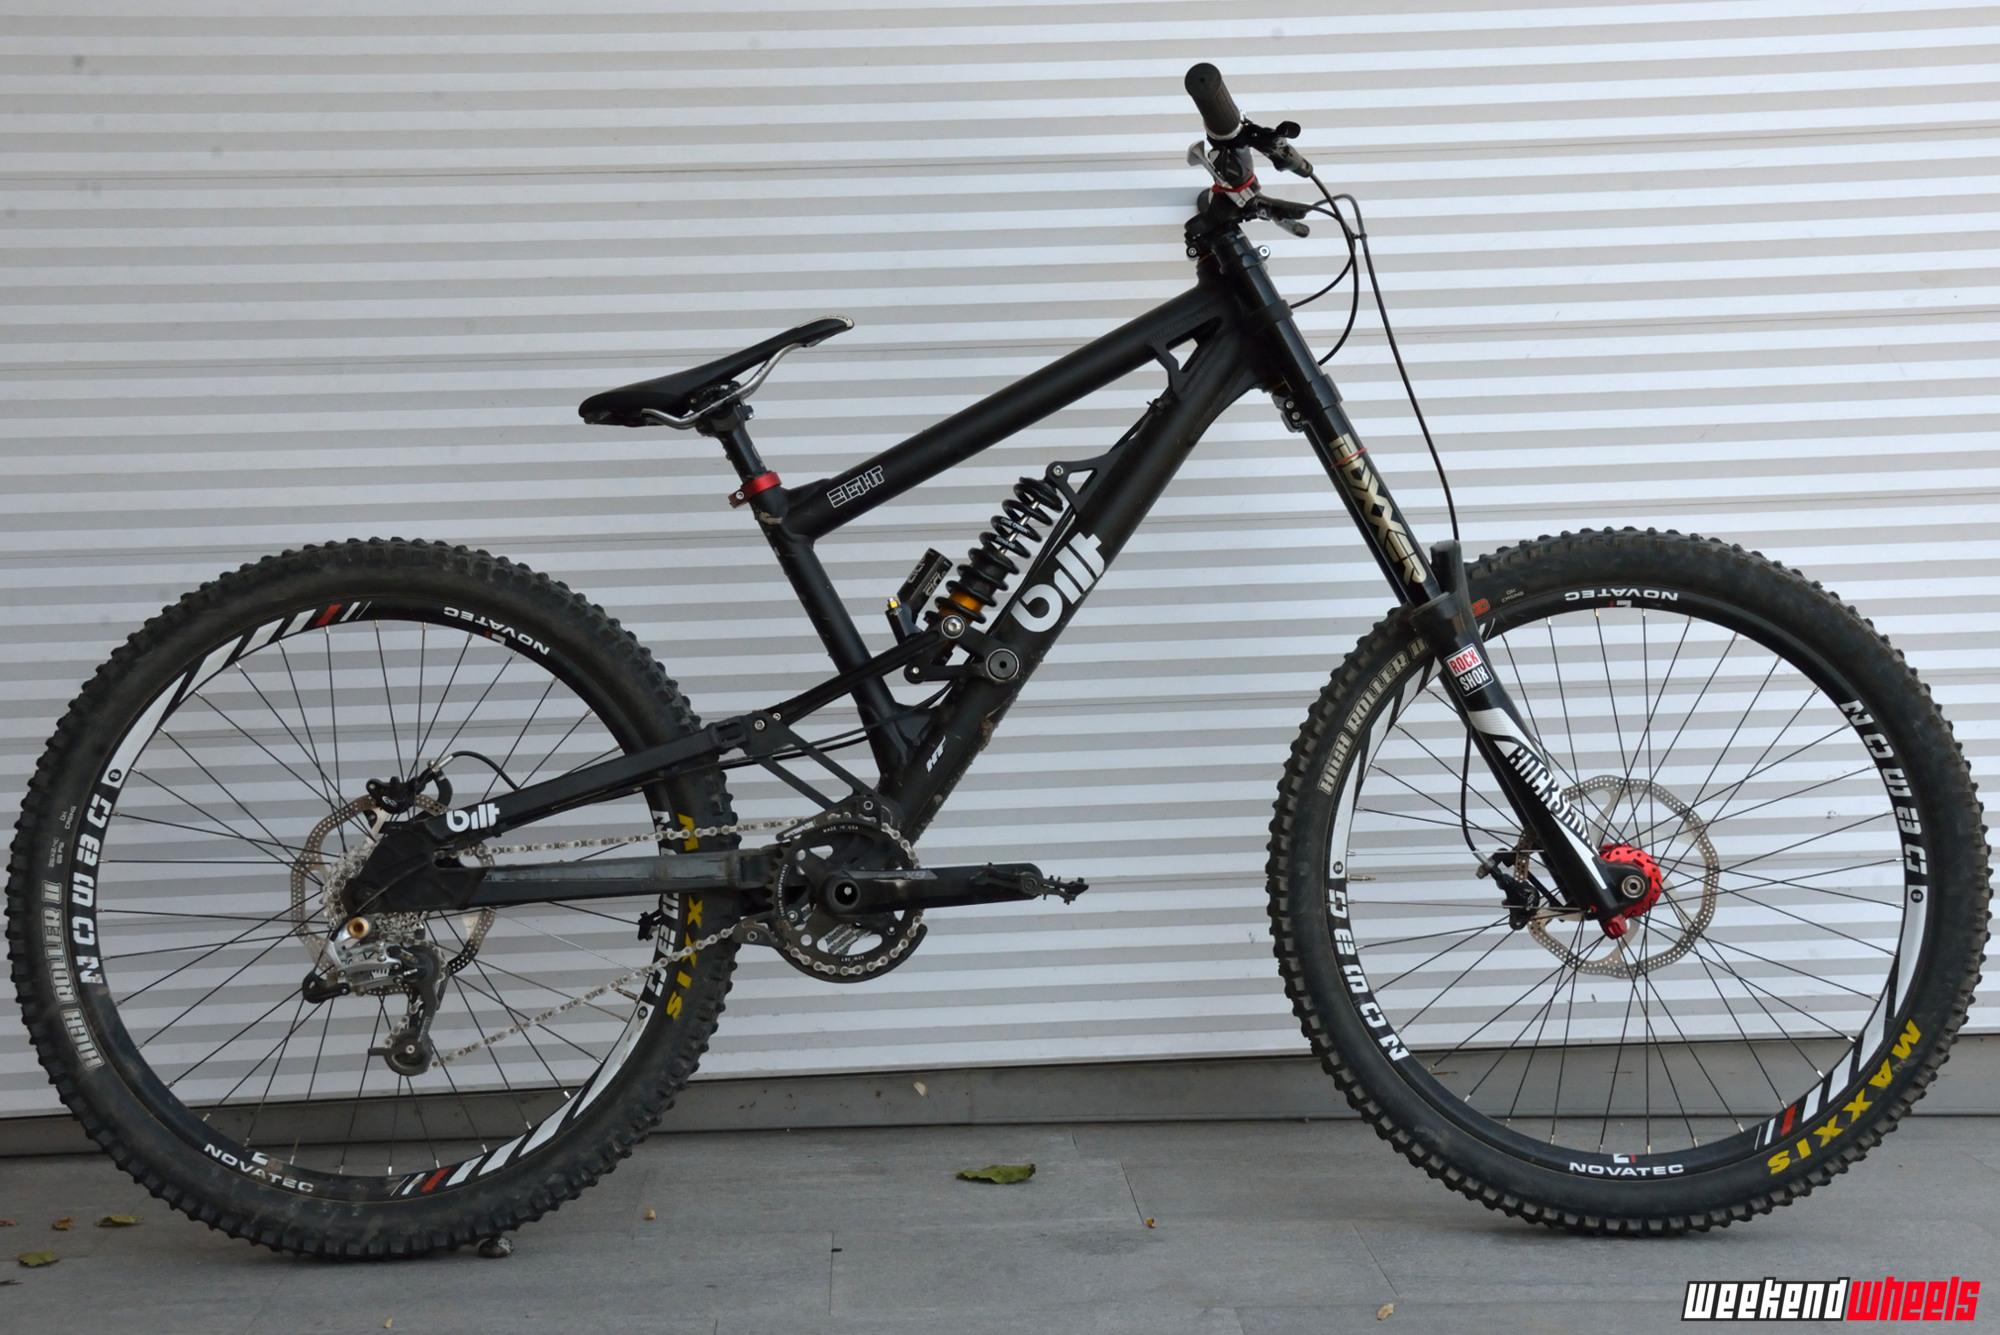 bilt_bike_eight_angleset_bilt_full